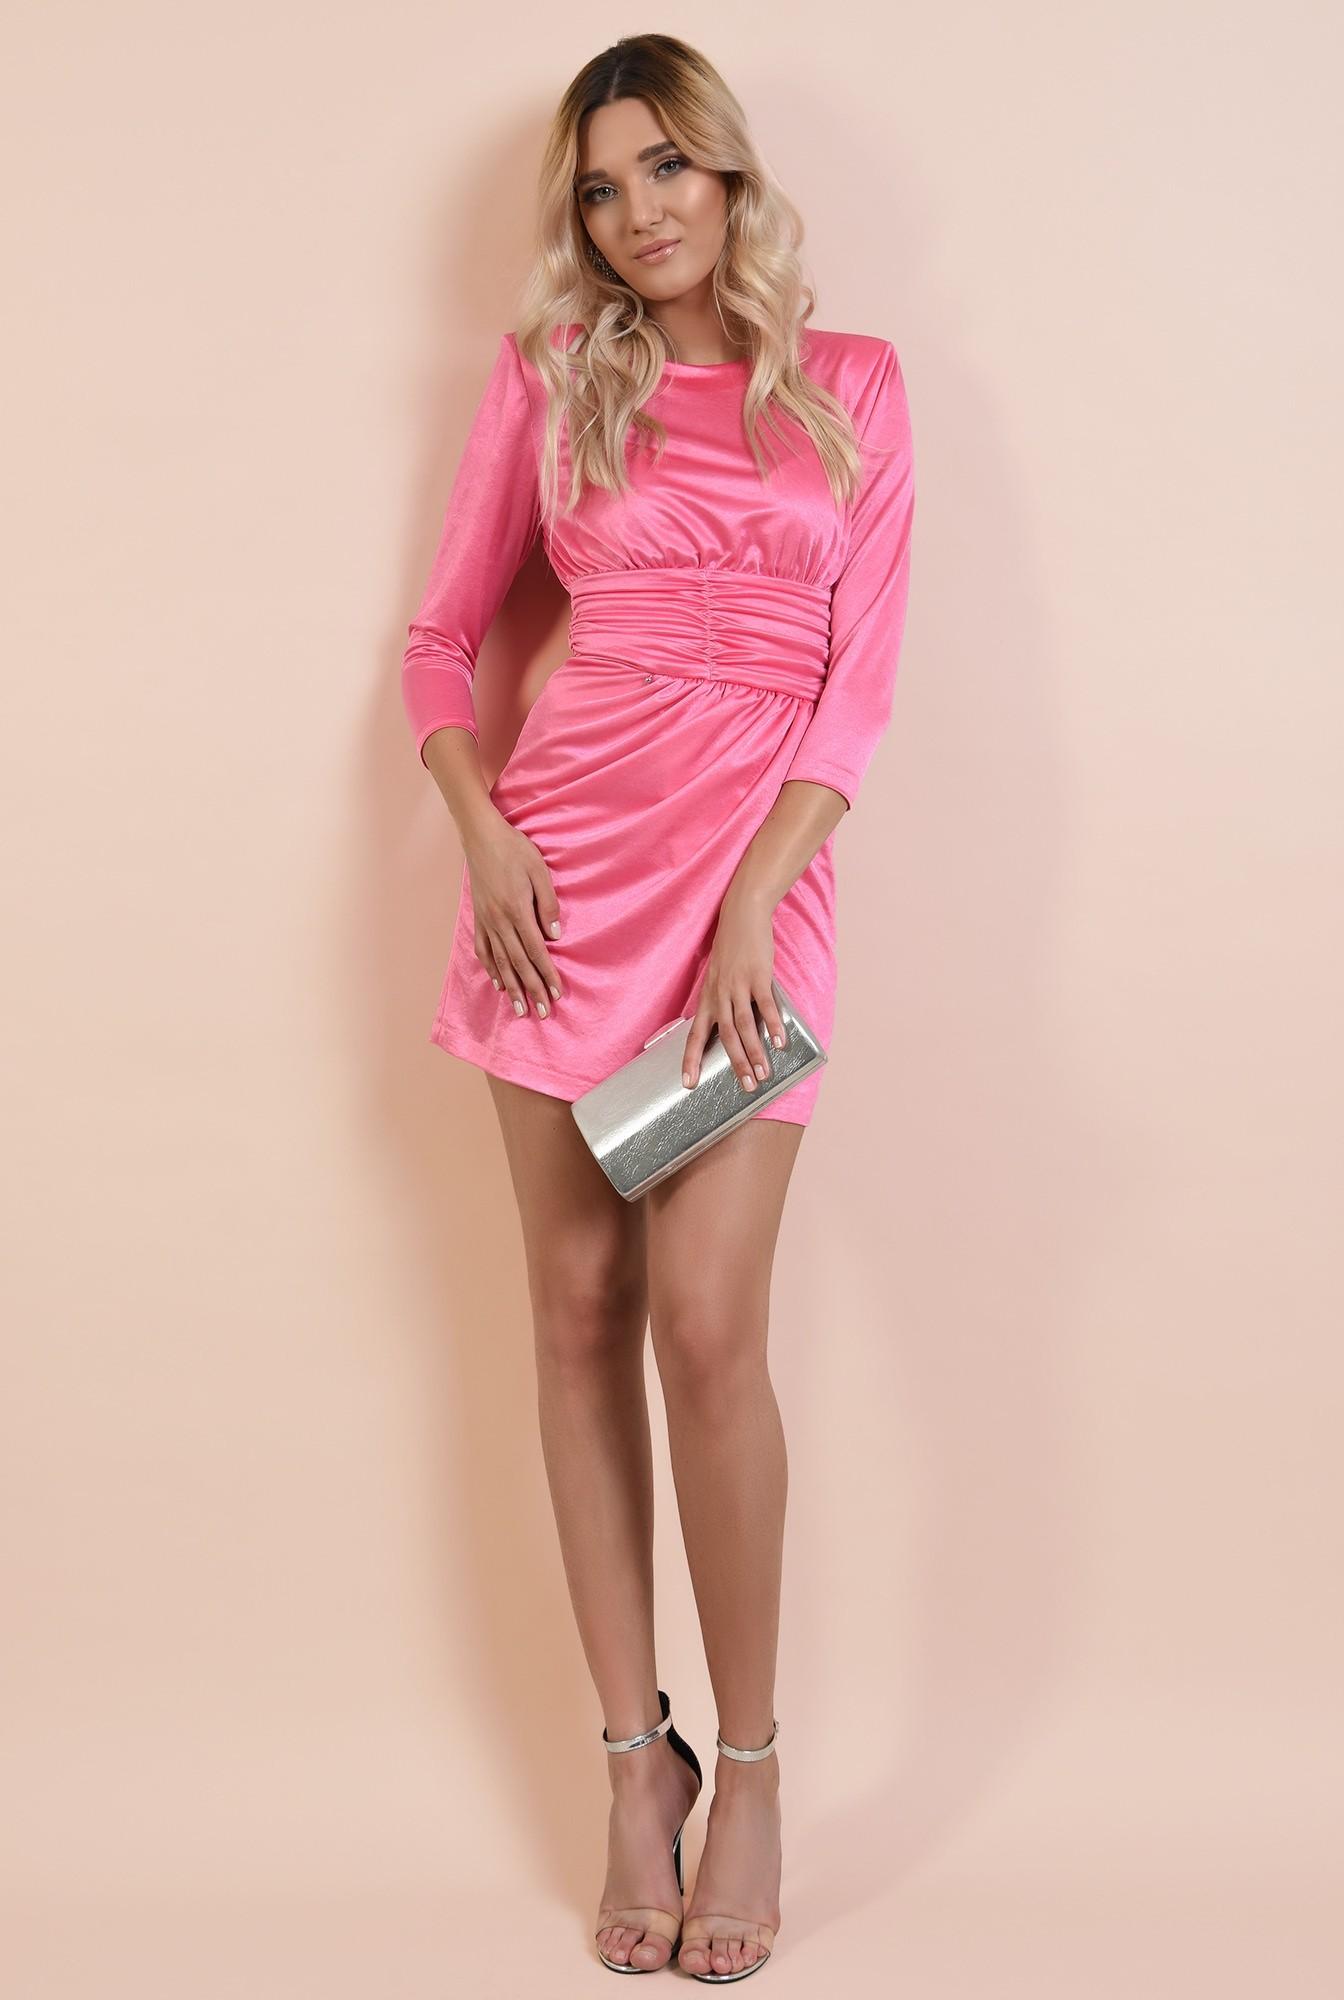 3 - 360 - rochie eleganta, scurta, drapata, decolteu la baza gatului, Poema